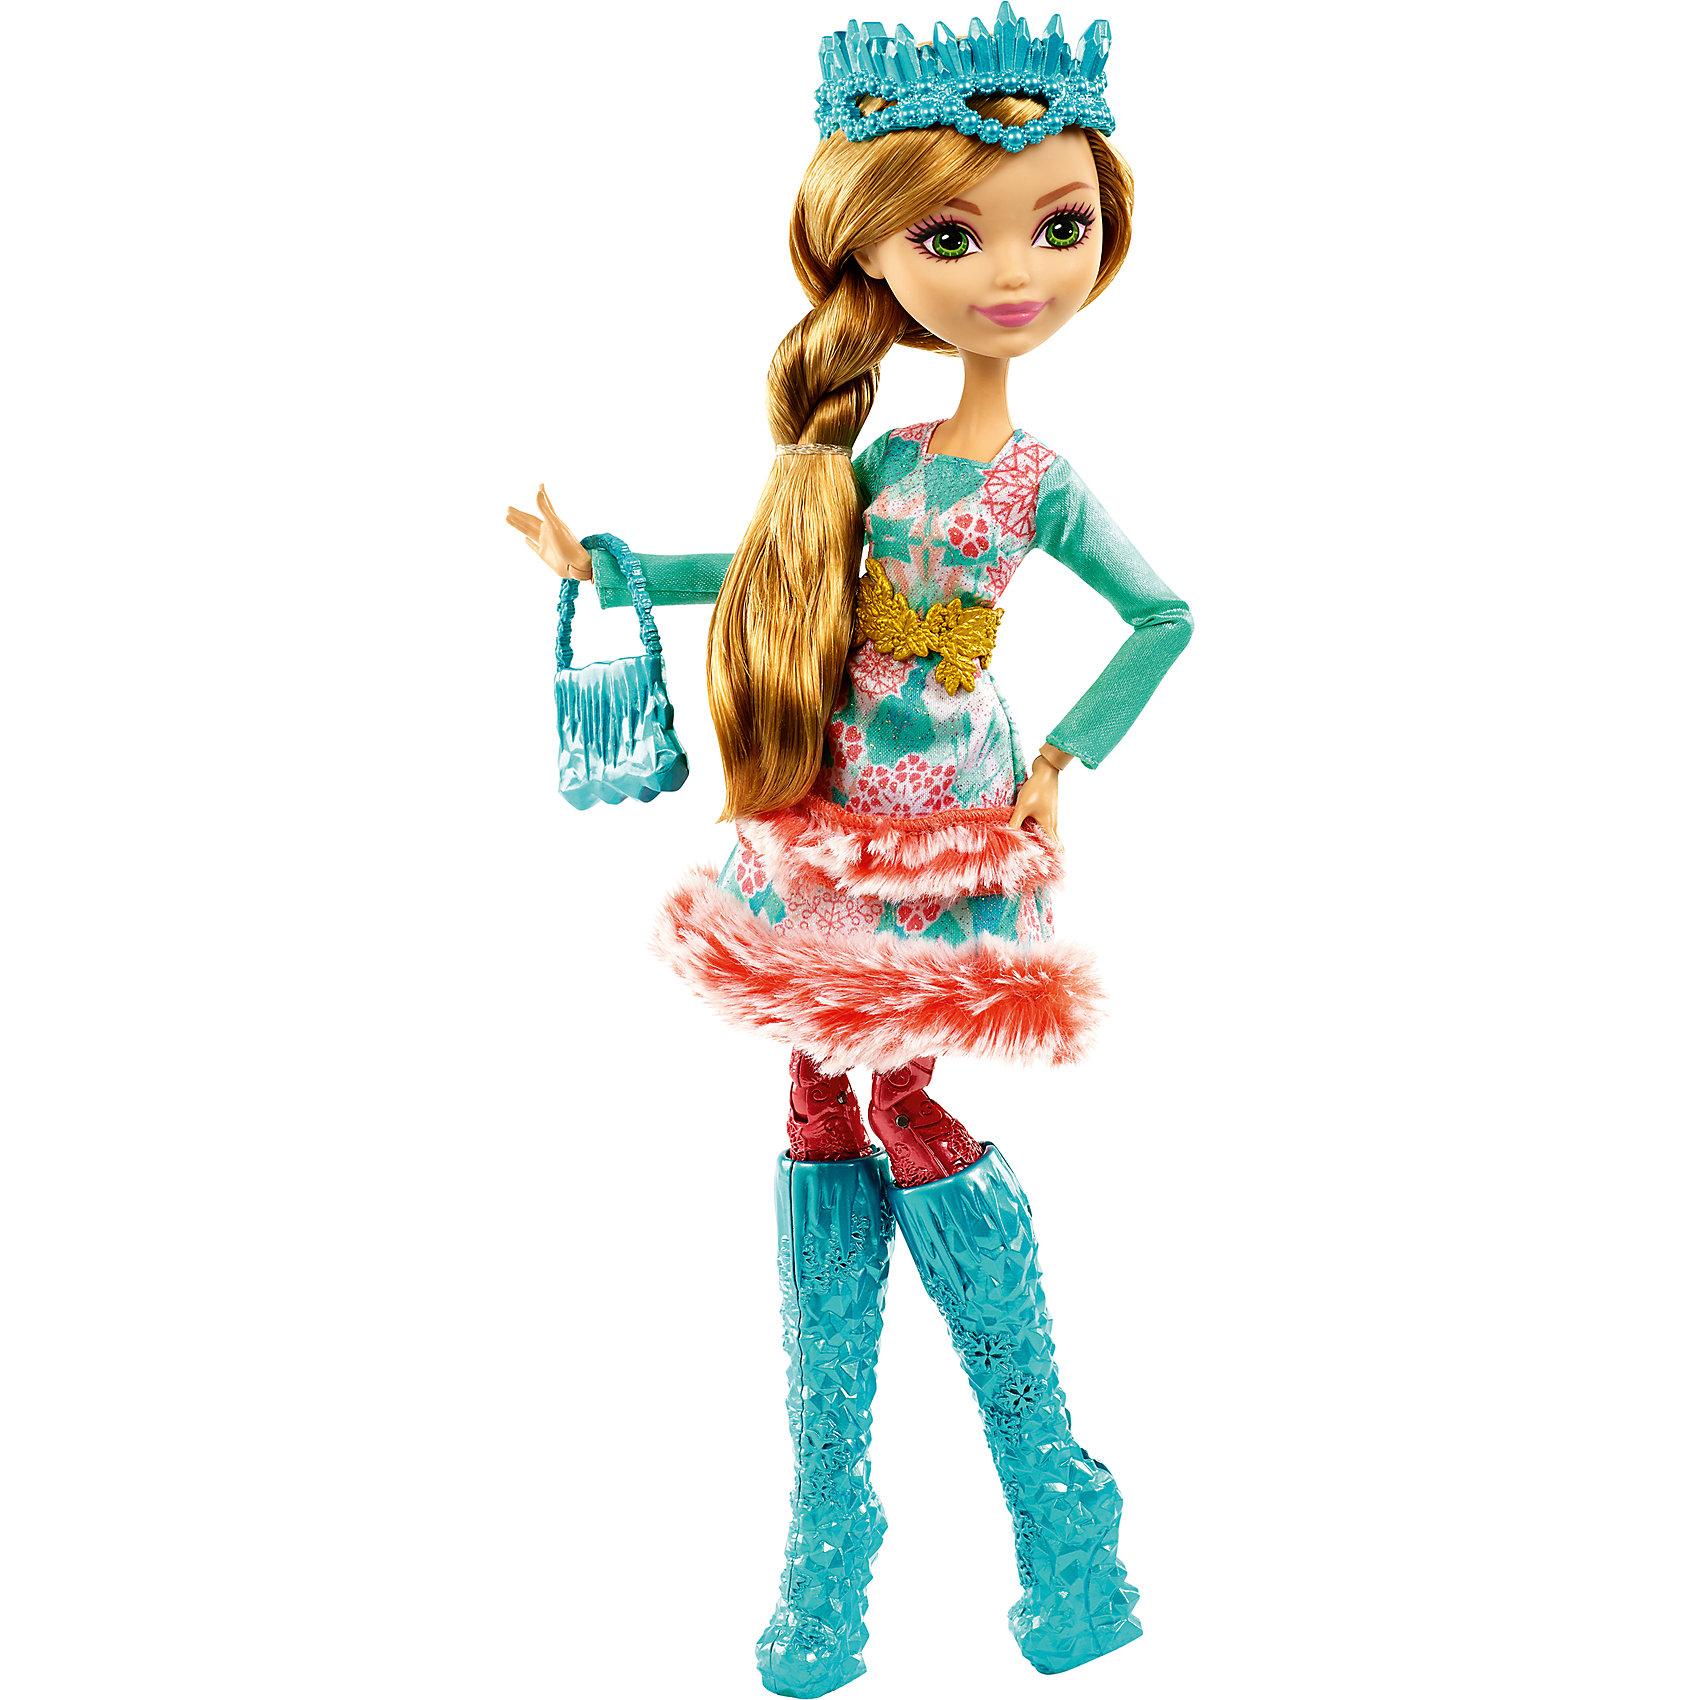 Mattel Кукла Эшлин Элла из коллекции Заколдованная зима, Ever After High mattel mattel кукла ever after high мишель мермейд